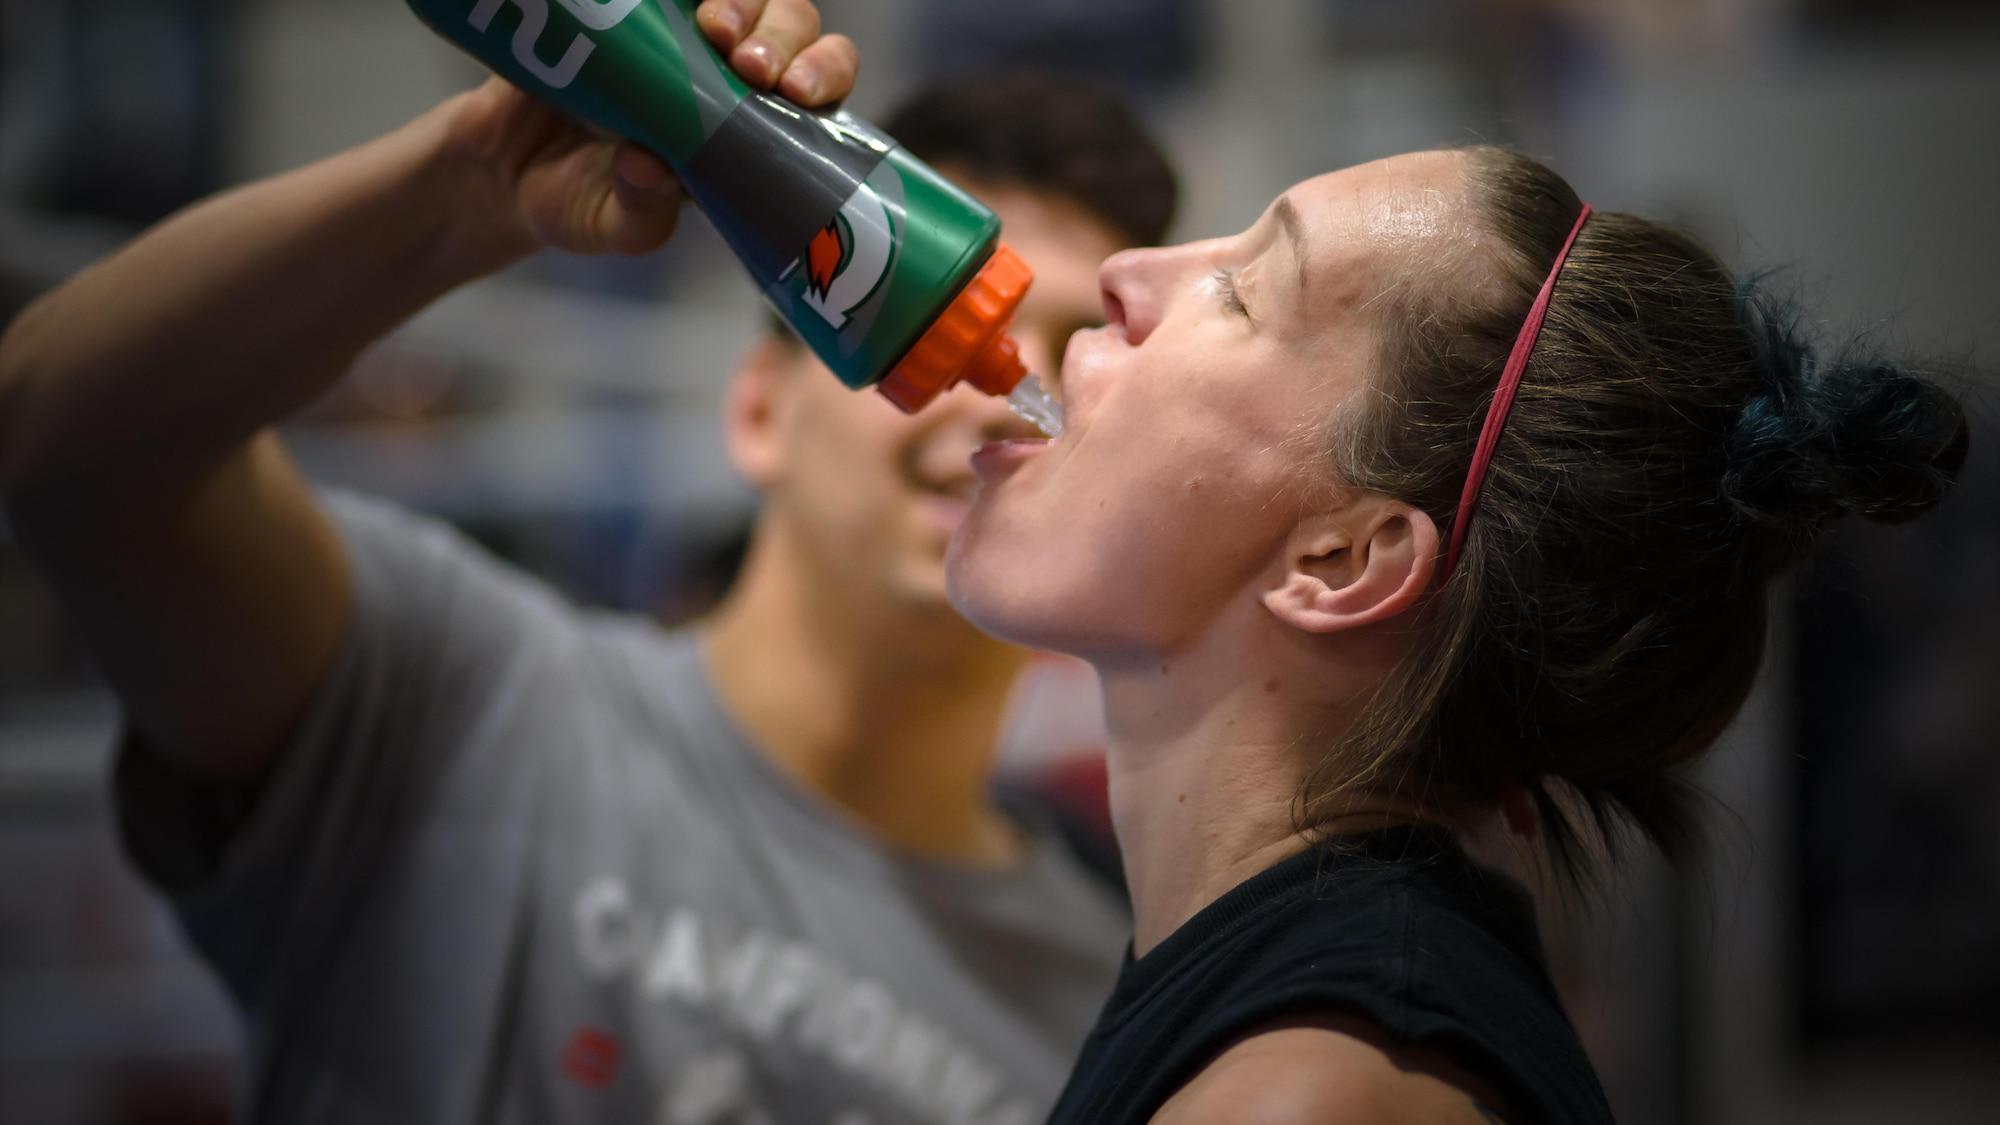 Une femme boit de l'eau venant d'une gourde tenue par une personne qui se tient à côté d'elle.